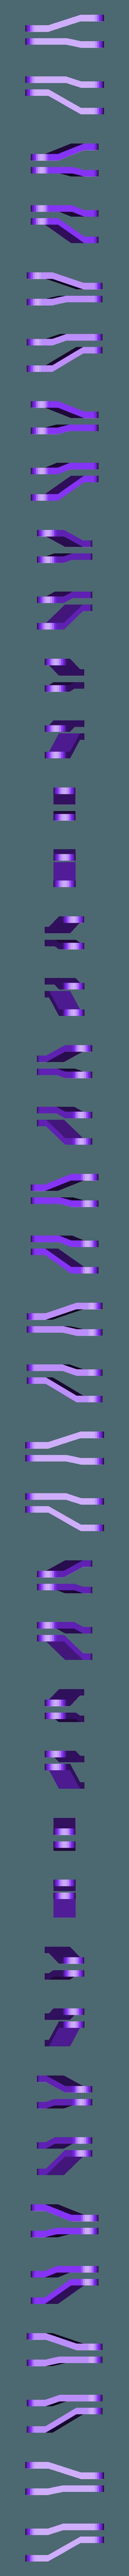 connecting_levers.stl Télécharger fichier STL gratuit Mécanique de la bouche et du sourcil, adaptable à la mécanique de l'œil • Modèle pour impression 3D, kakiemon